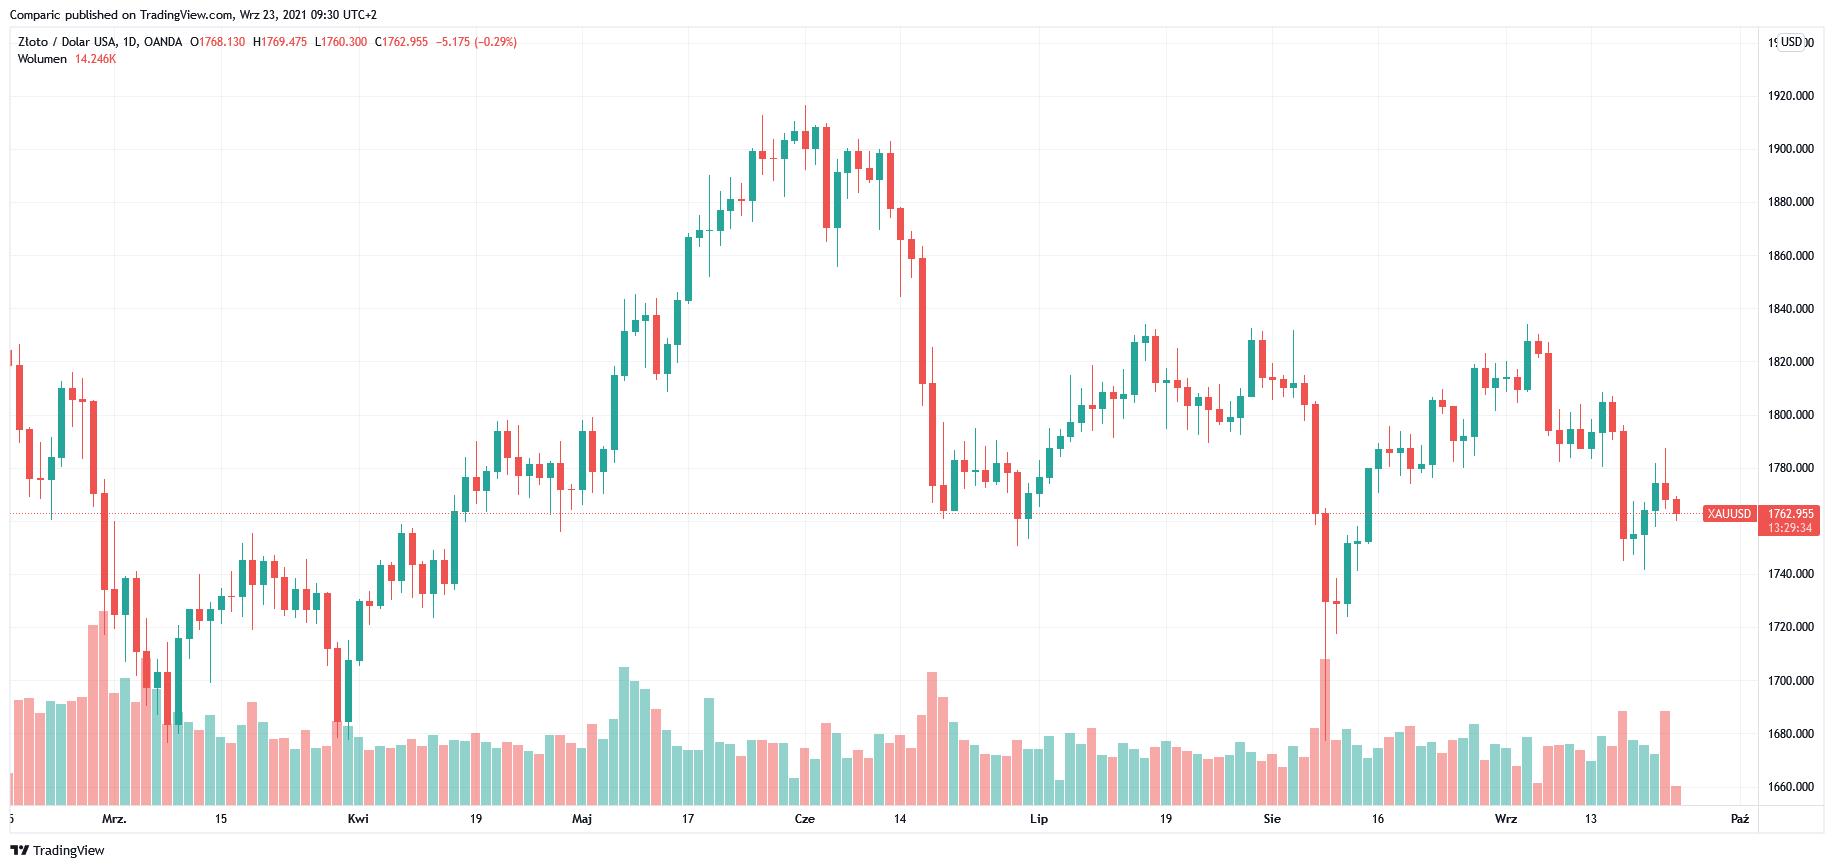 Cena złota w dół w czwartek pod presją nowych postanowień FOMC o stopach proc.